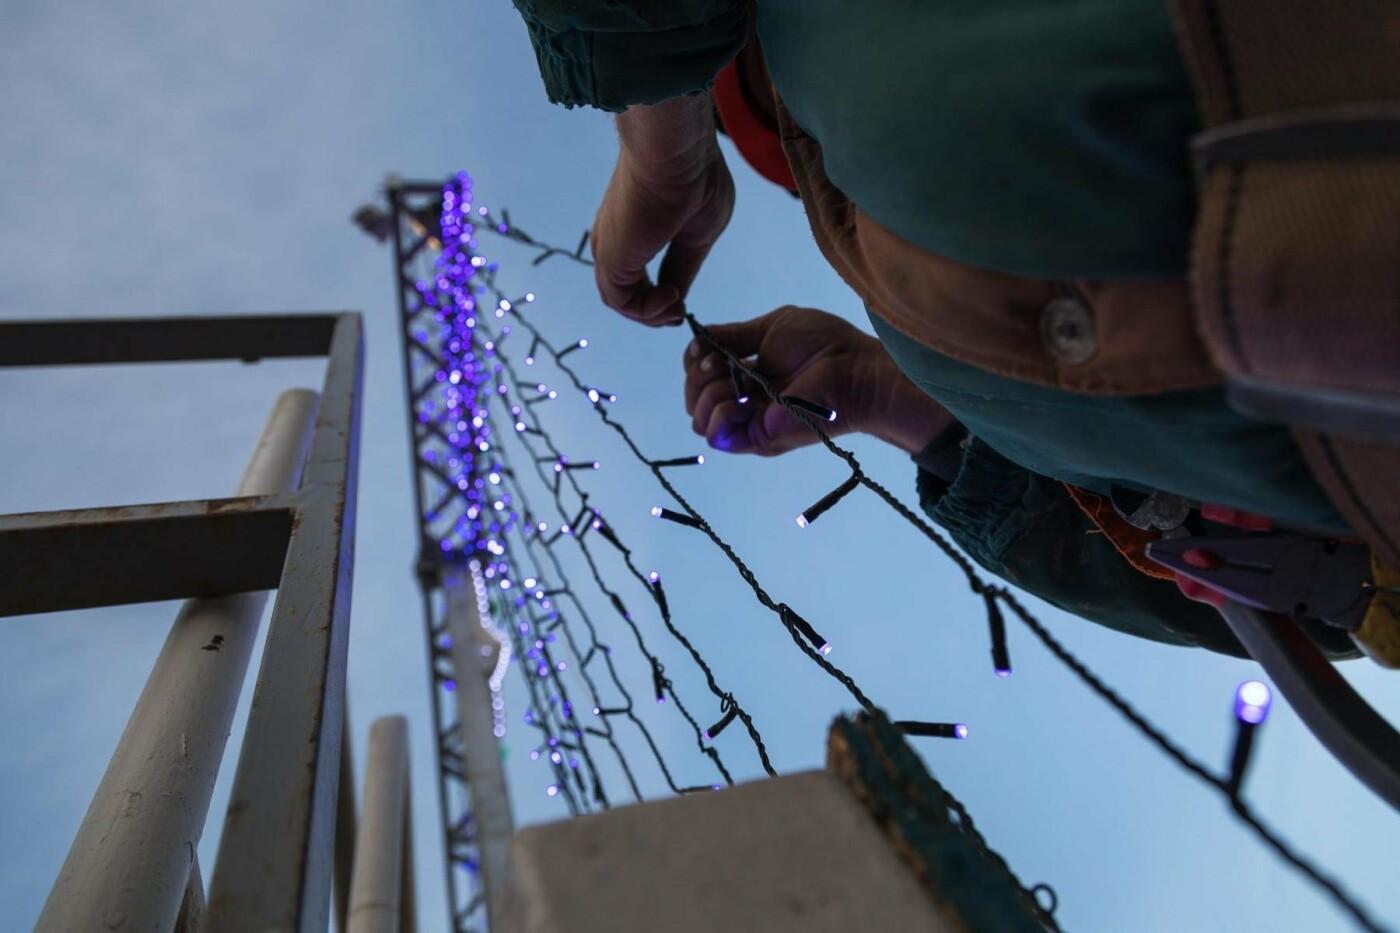 В соцсетях сообщили об установке ёлки на площади, но рабочие всё разобрали. Почему?, фото-1